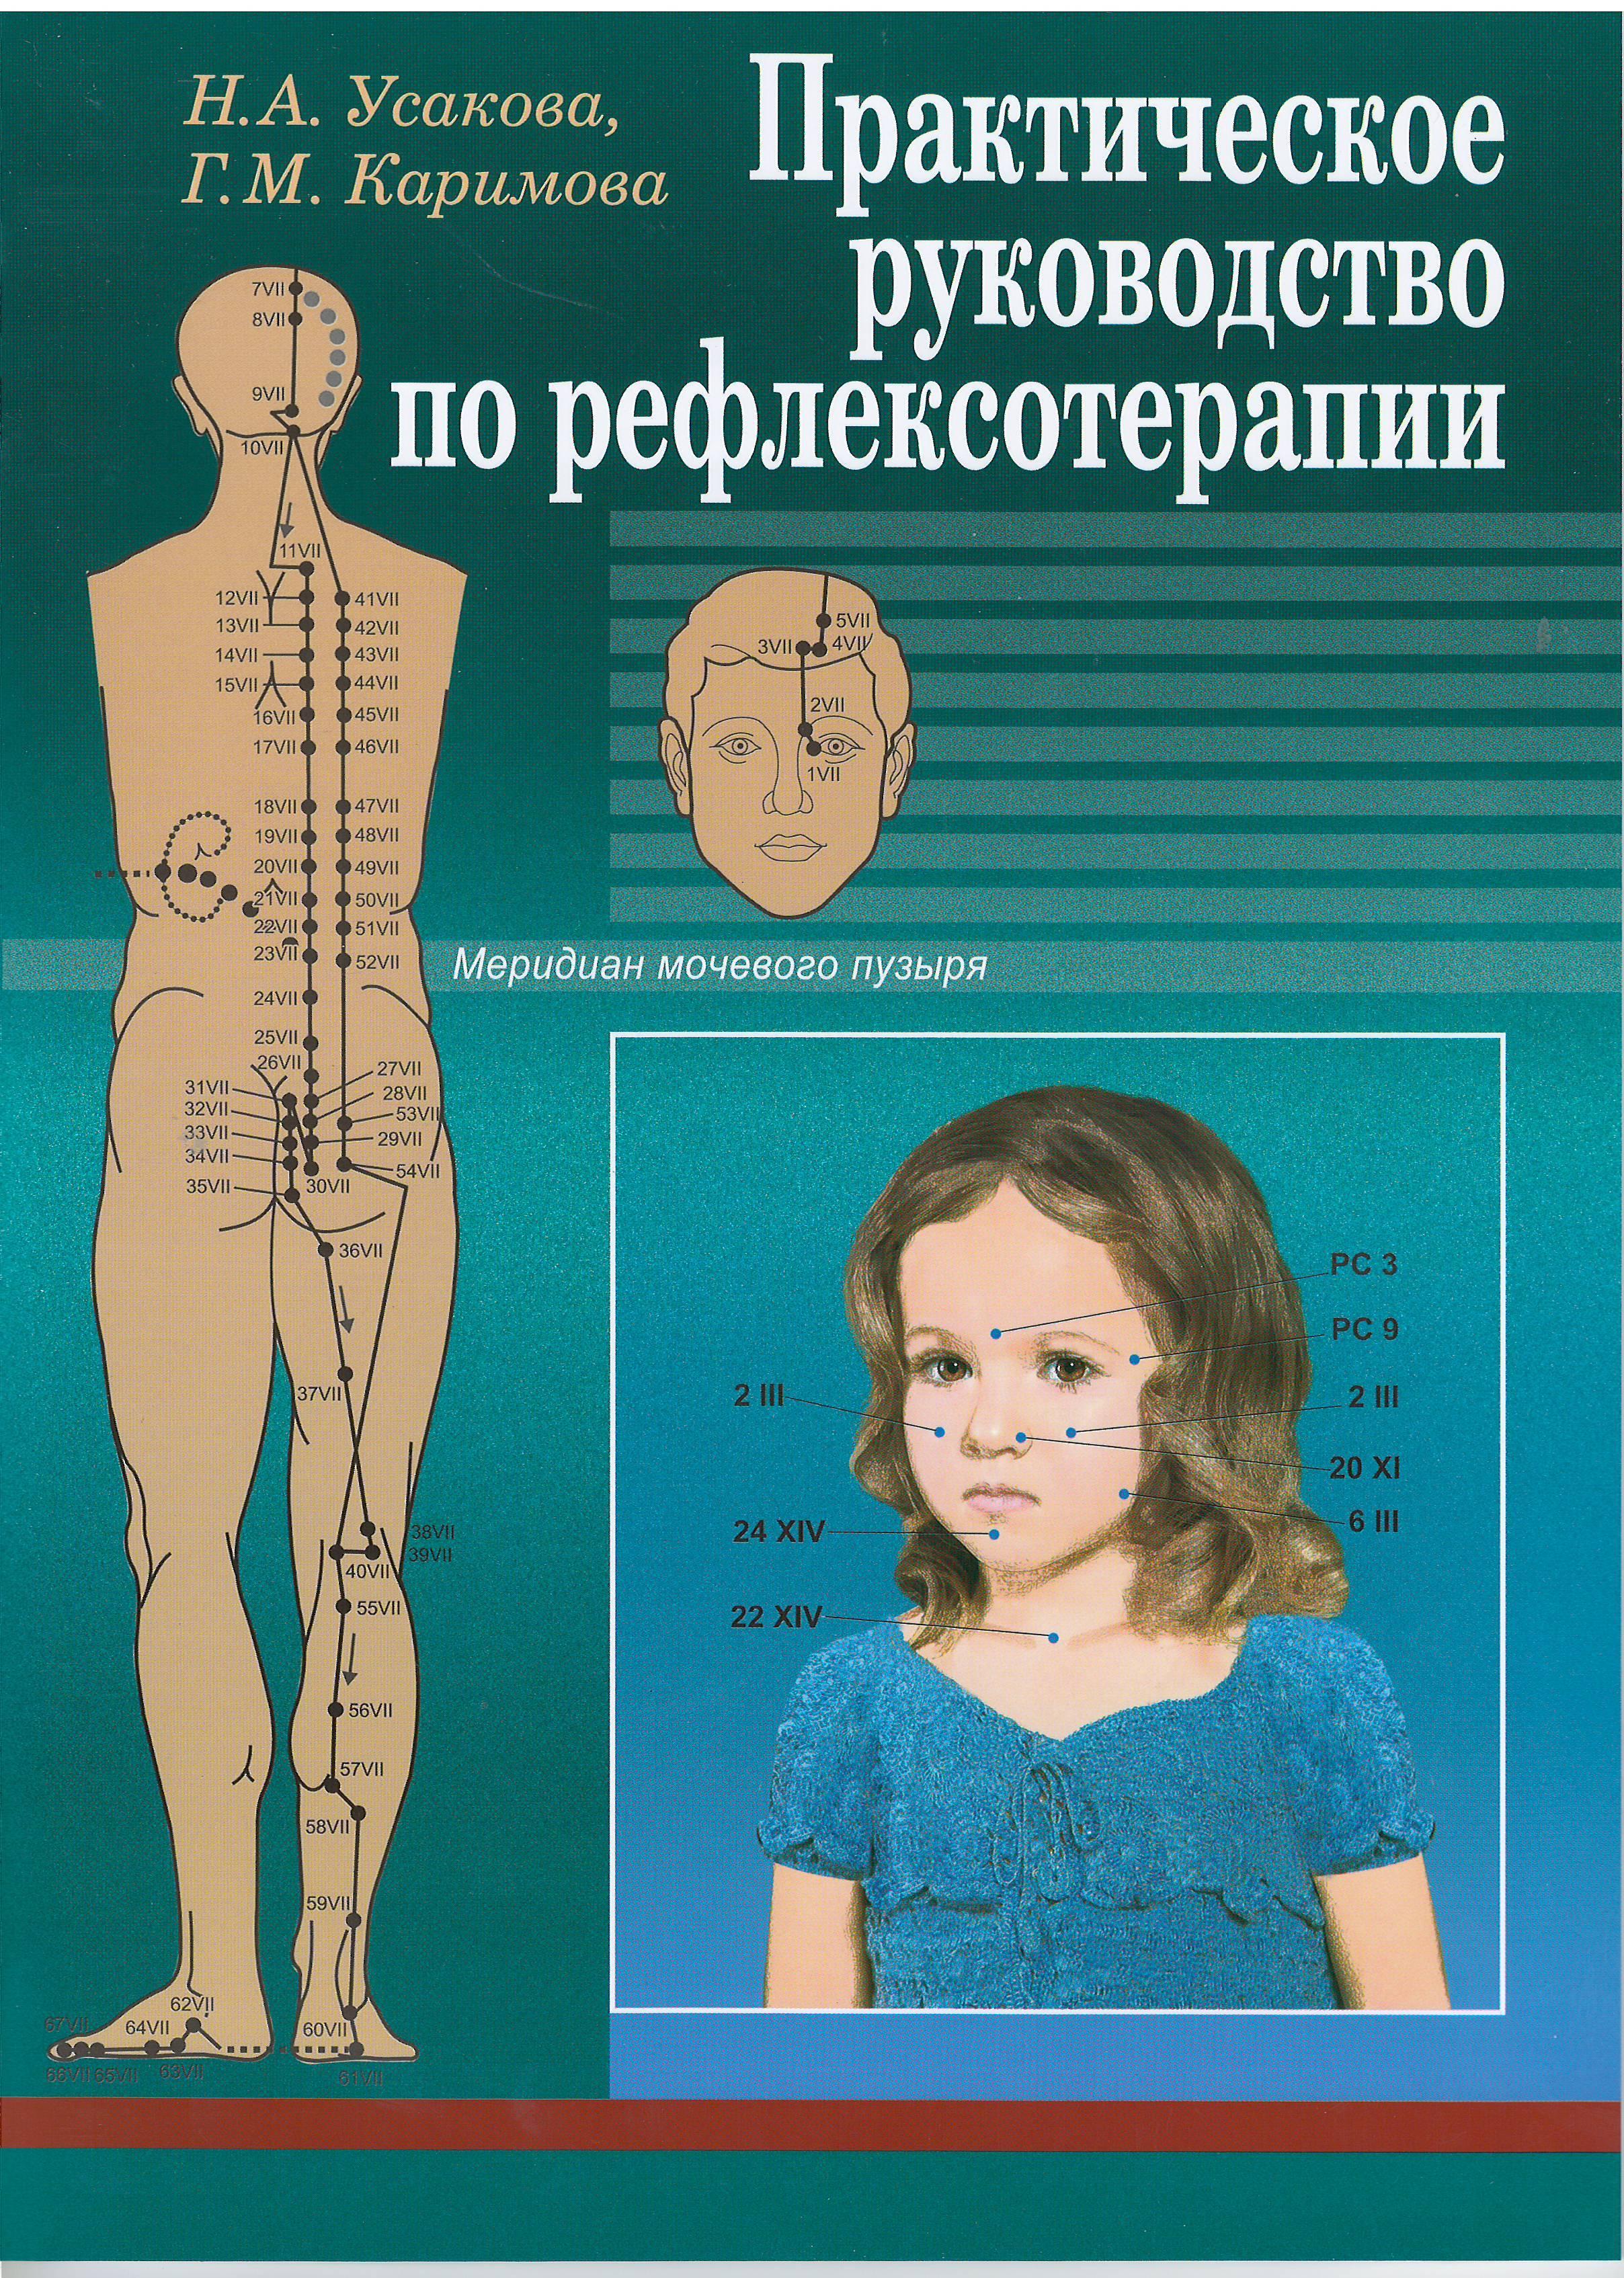 Практическое руководство по рефлексотерапии. Н. А. Усакова, Г. М. Каримова